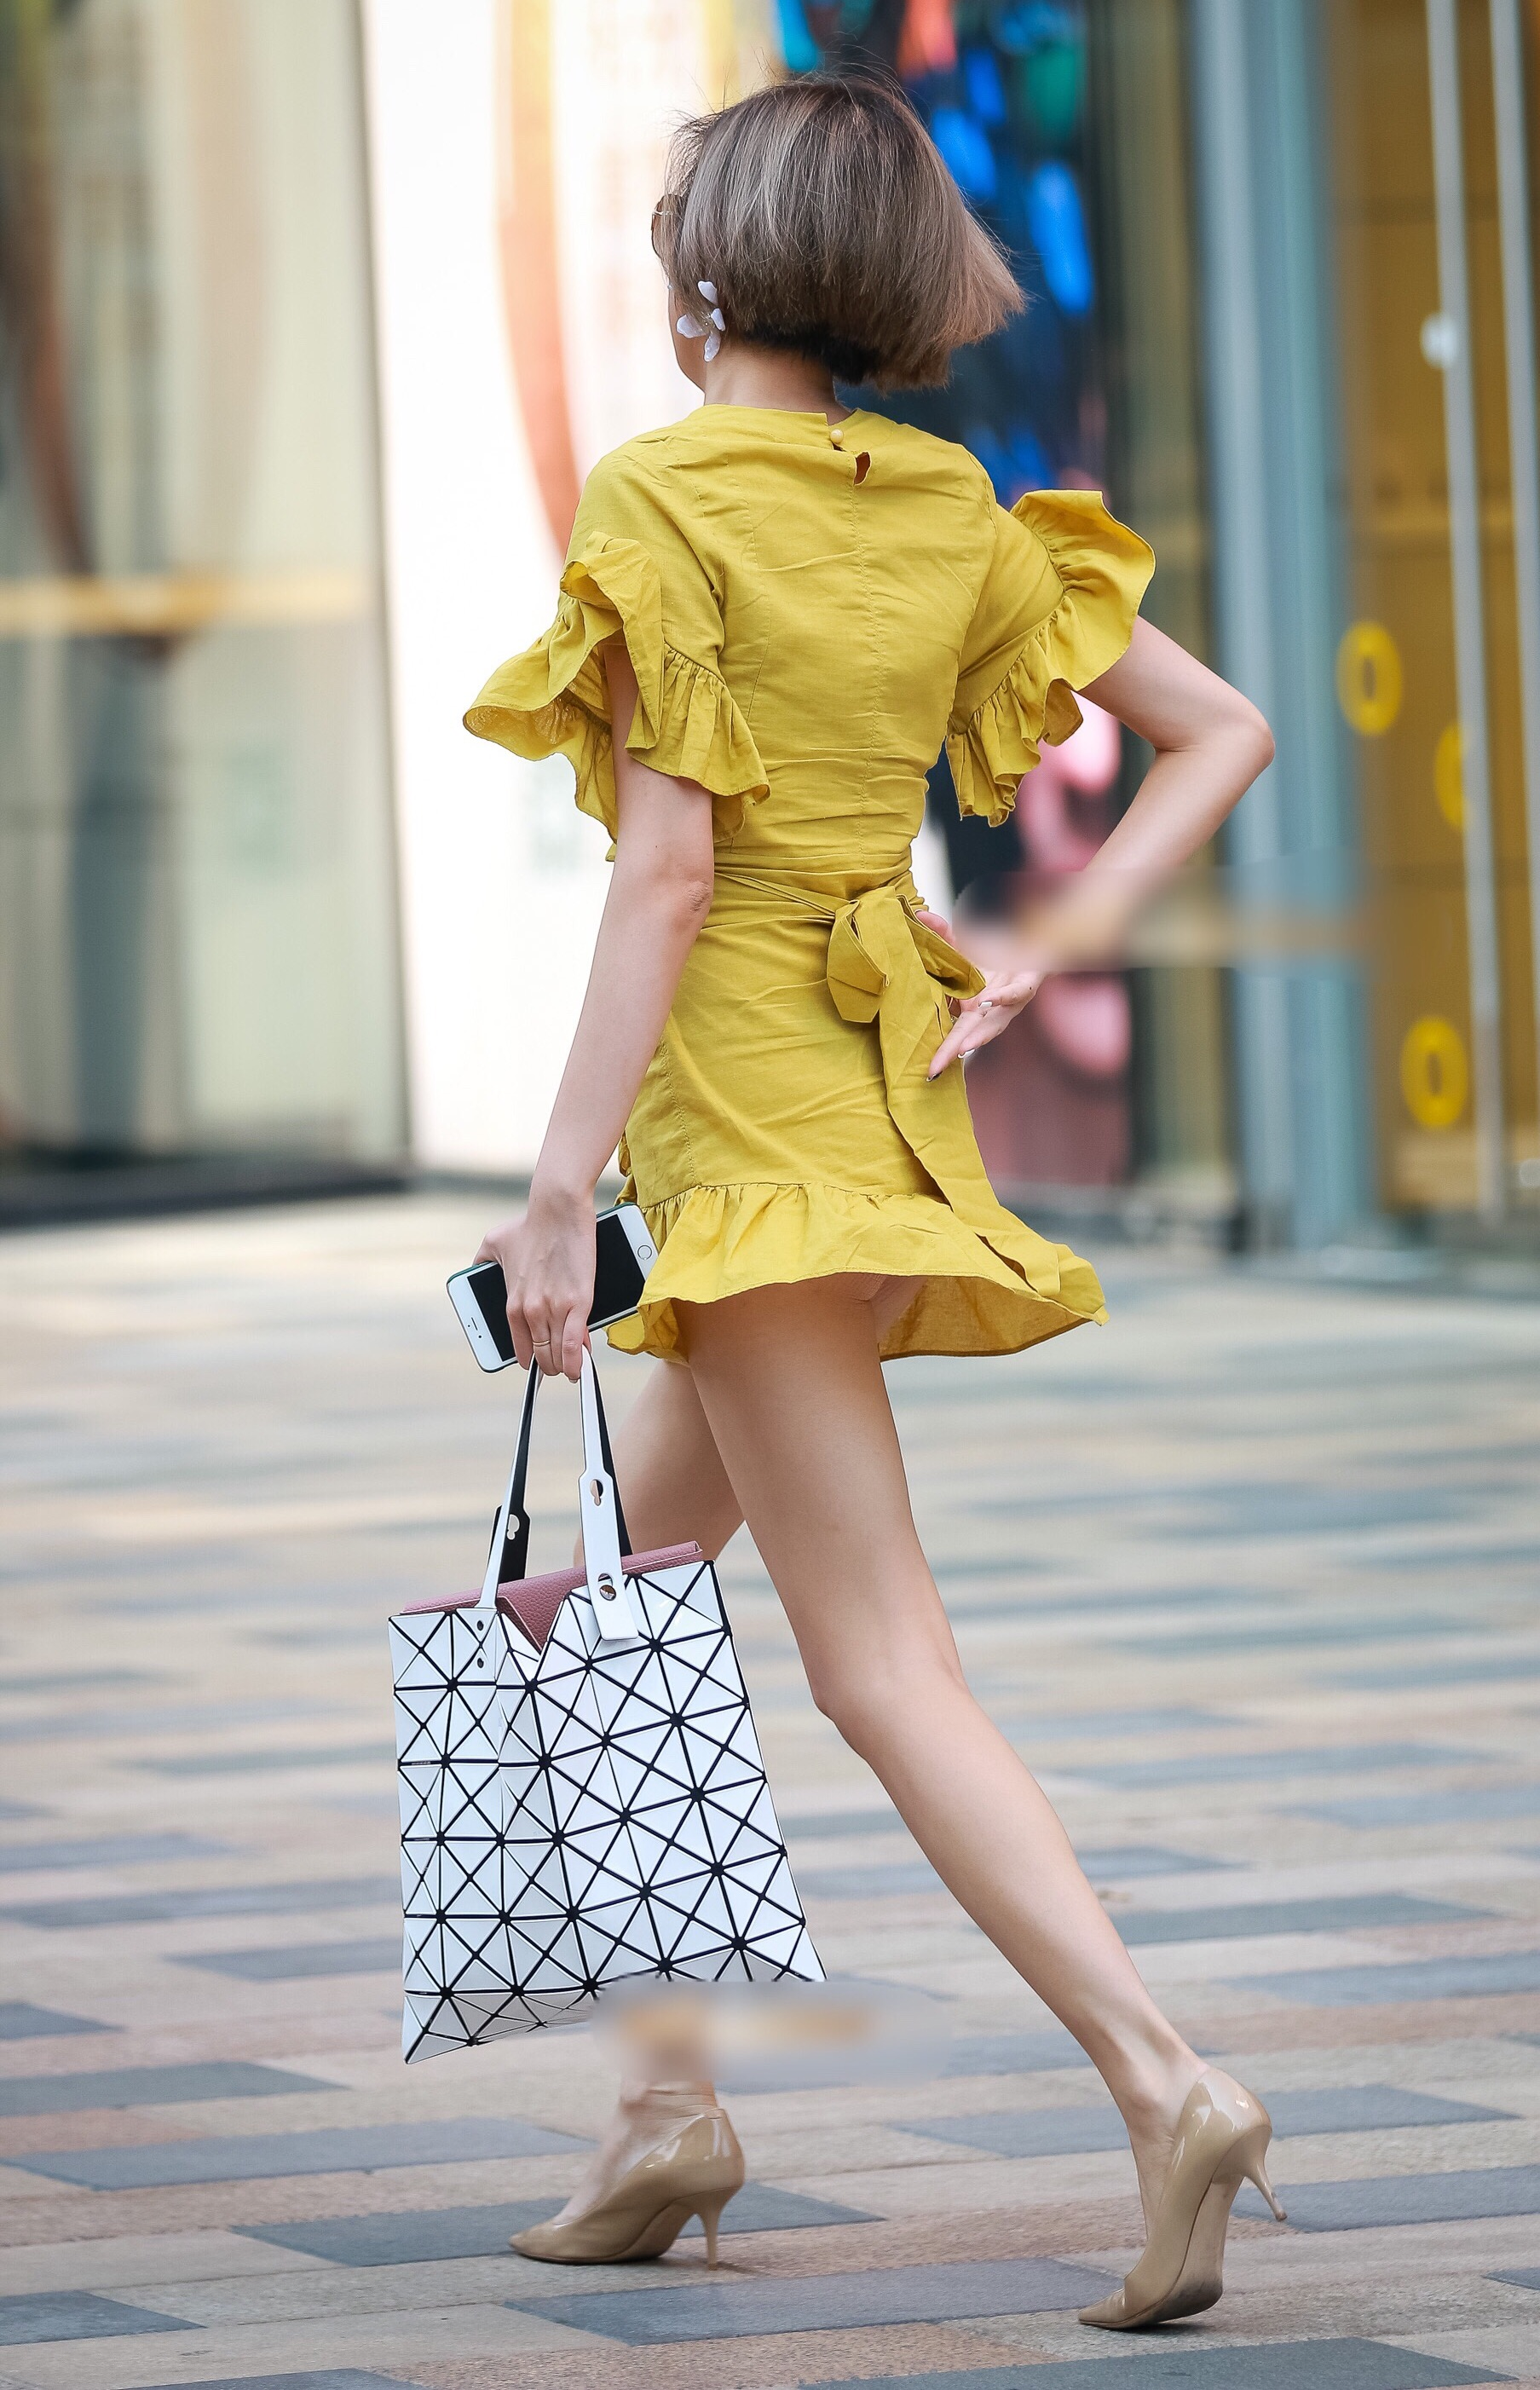 【美脚エロ画像】見えないかもなパンツより見えてるこっちw街撮りミニスカ美脚(;´Д`)